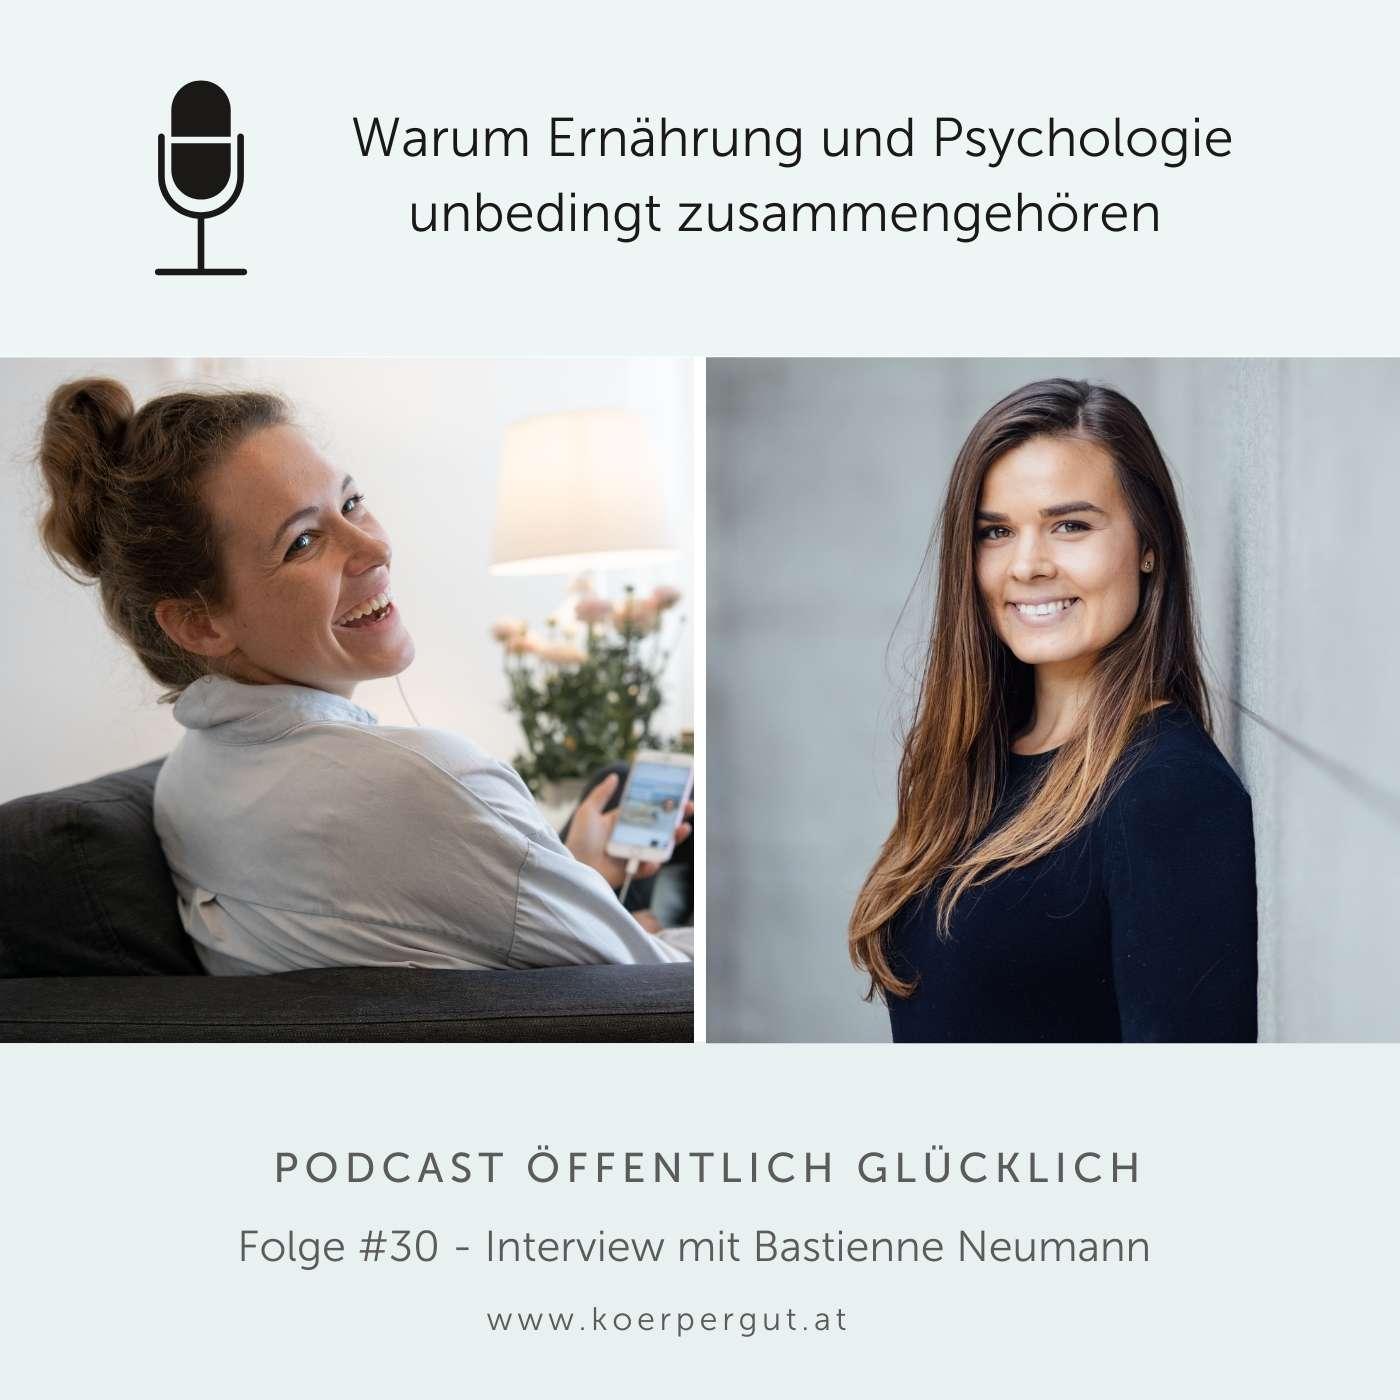 #30 ernährung und psychologie bastienne neumann